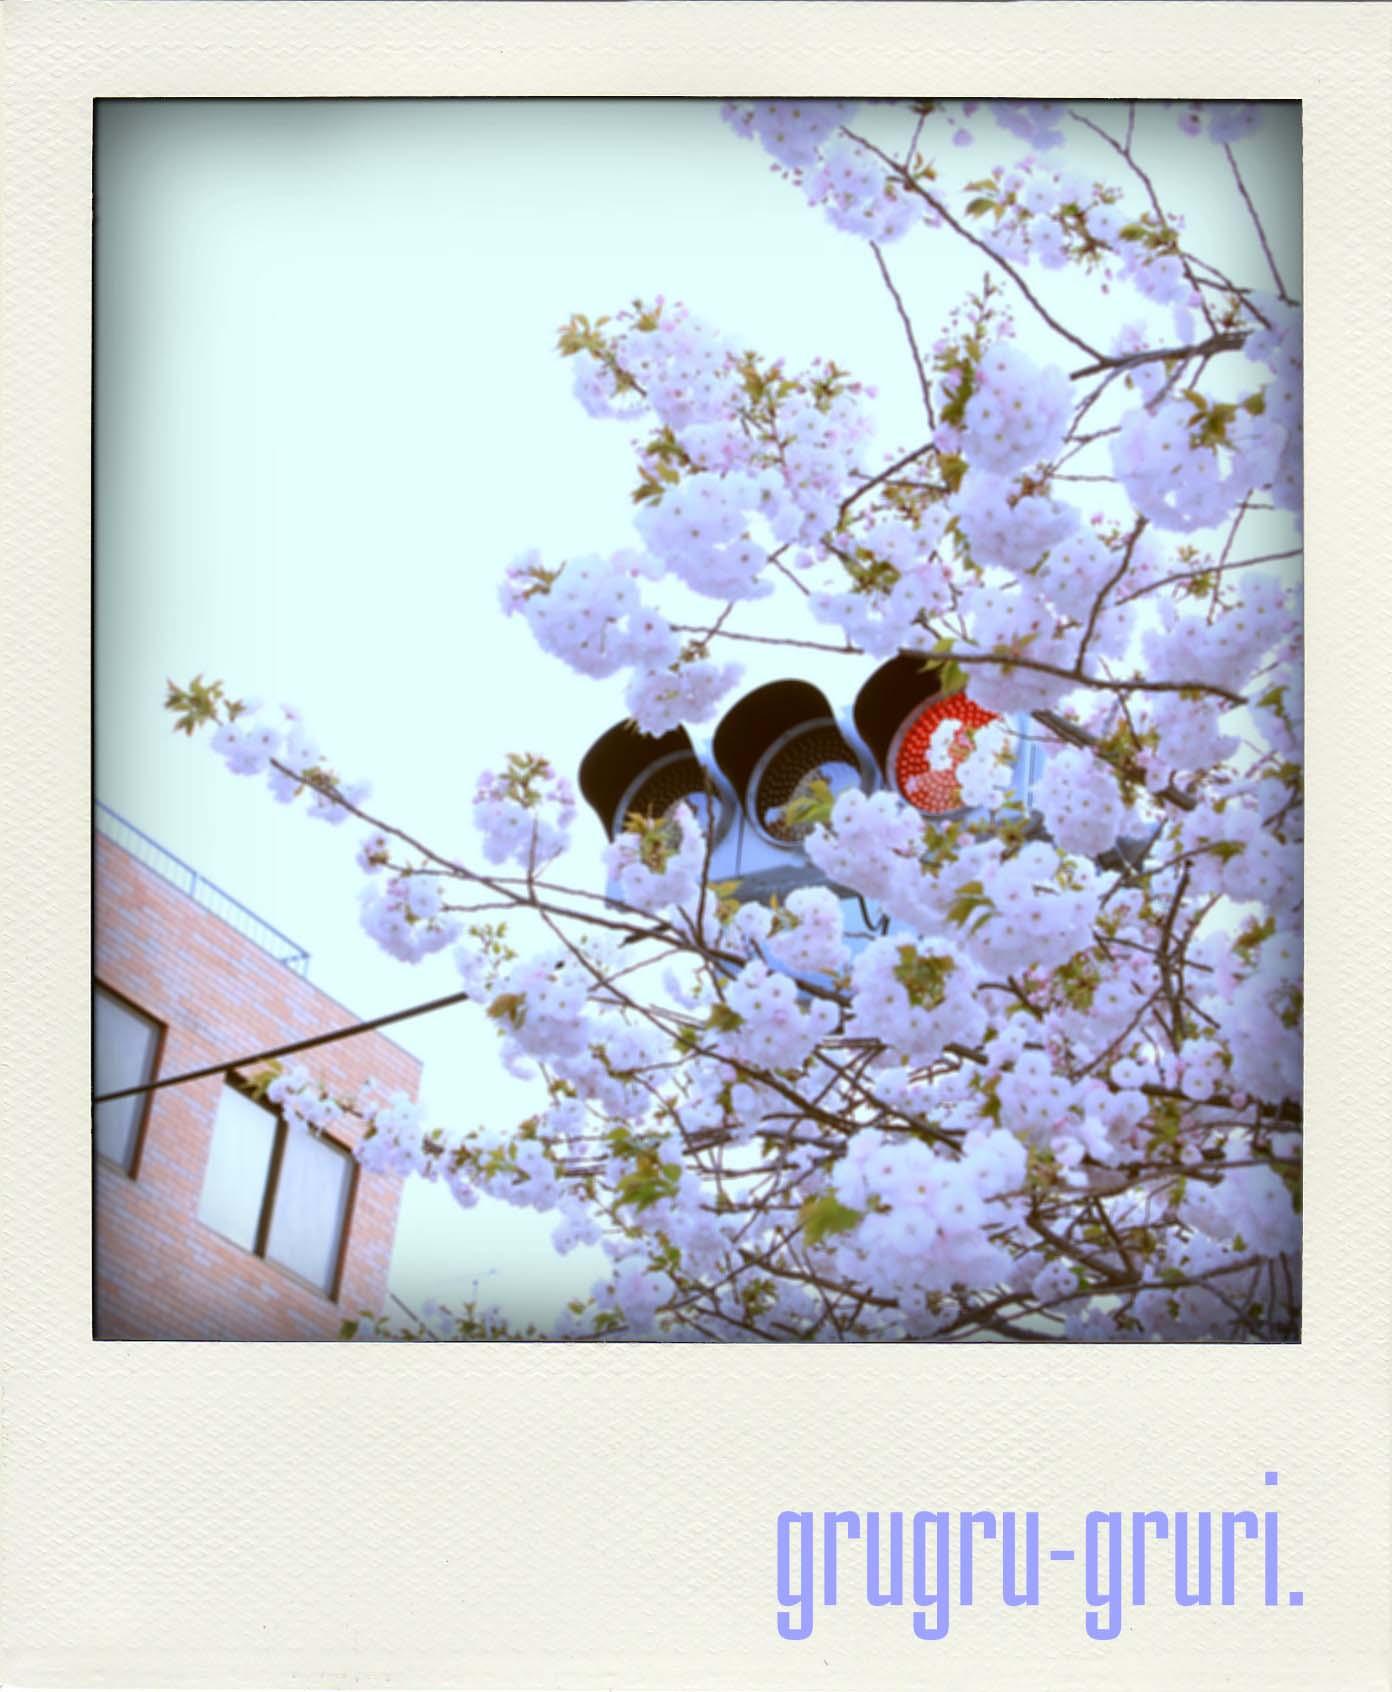 信号きと桜